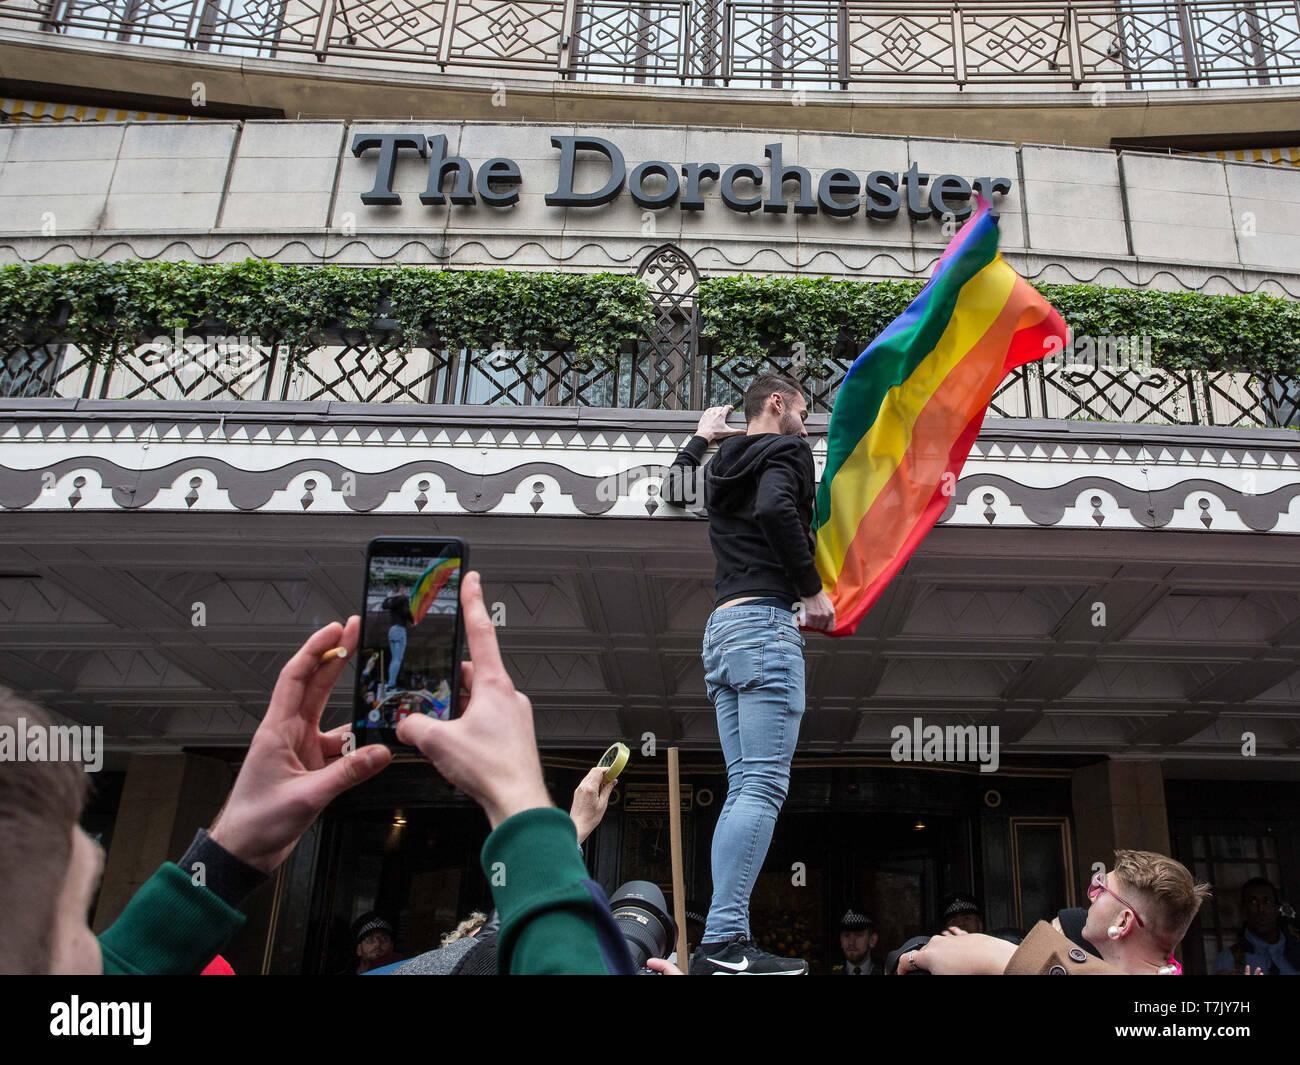 Los derechos de los homosexuales, los manifestantes que protestaban contra las leyes anti-gay en Brunei, sitiar a la entrada de la Dorchester Hotel London ofrece: Atmósfera, ver dónde: Londres, Reino Unido cuando: 06 Abr 2019 Crédito: Wheatley/WENN Foto de stock